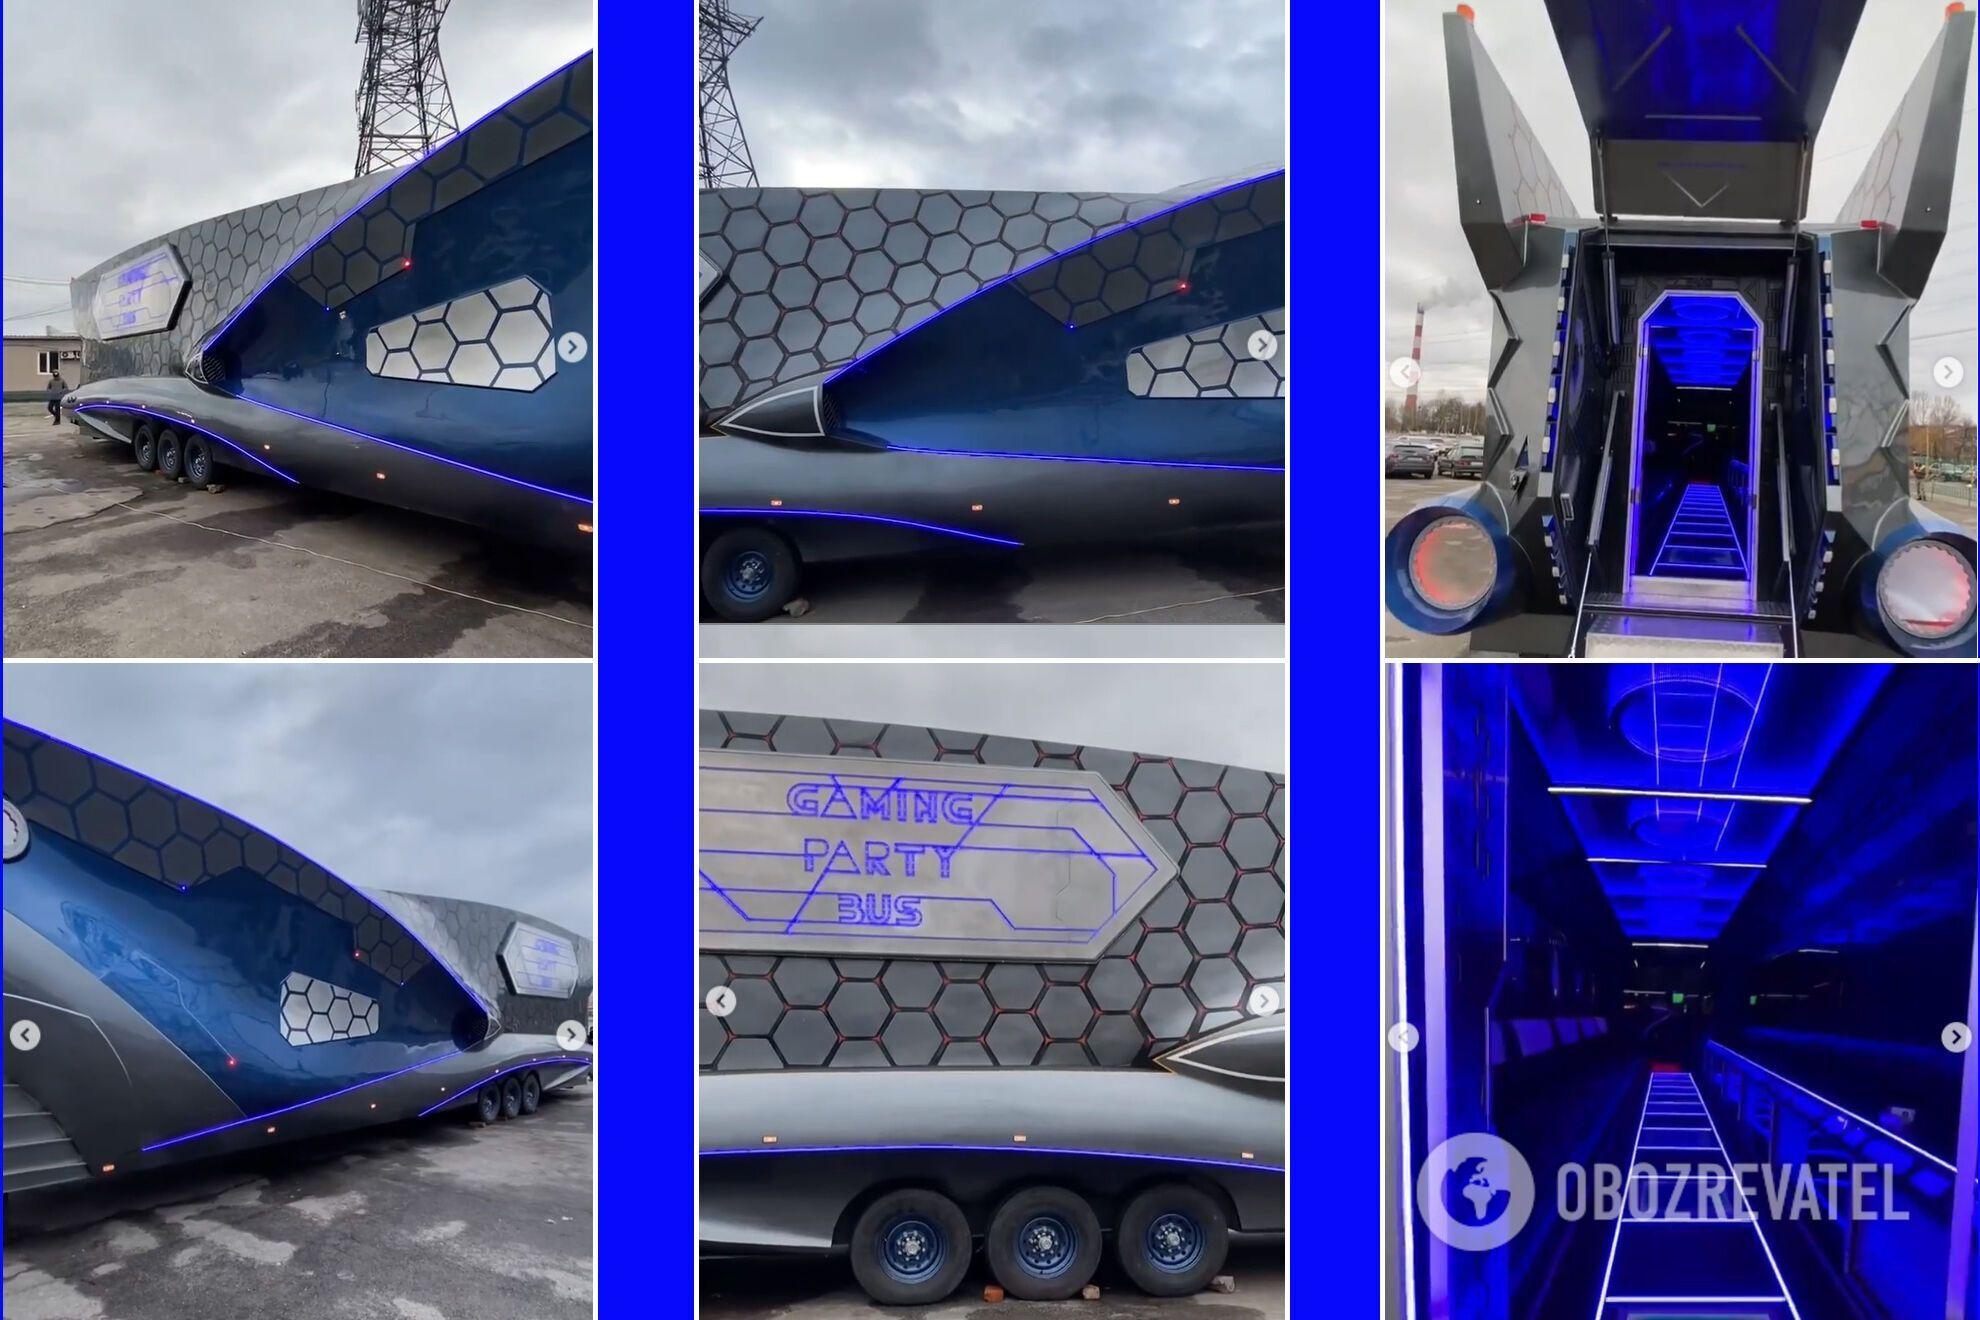 Уникальный трейлер отправится из Украины к заказчику в ОАЭ